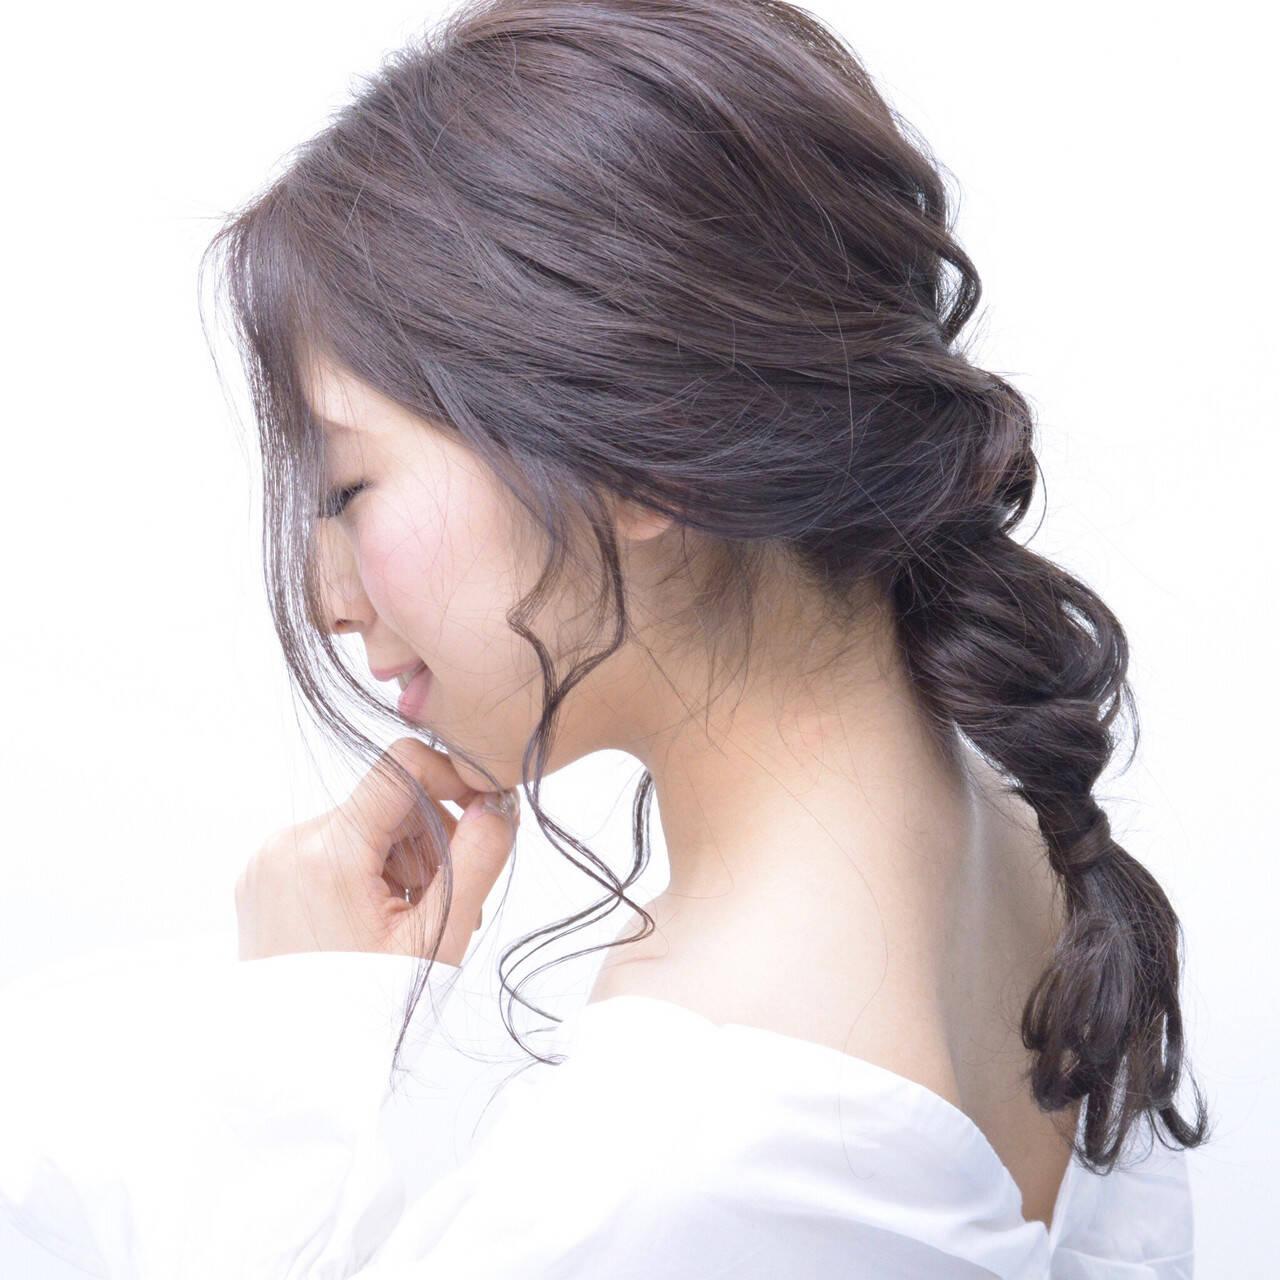 ナチュラル 編みおろし ナチュラル可愛い セミロングヘアスタイルや髪型の写真・画像